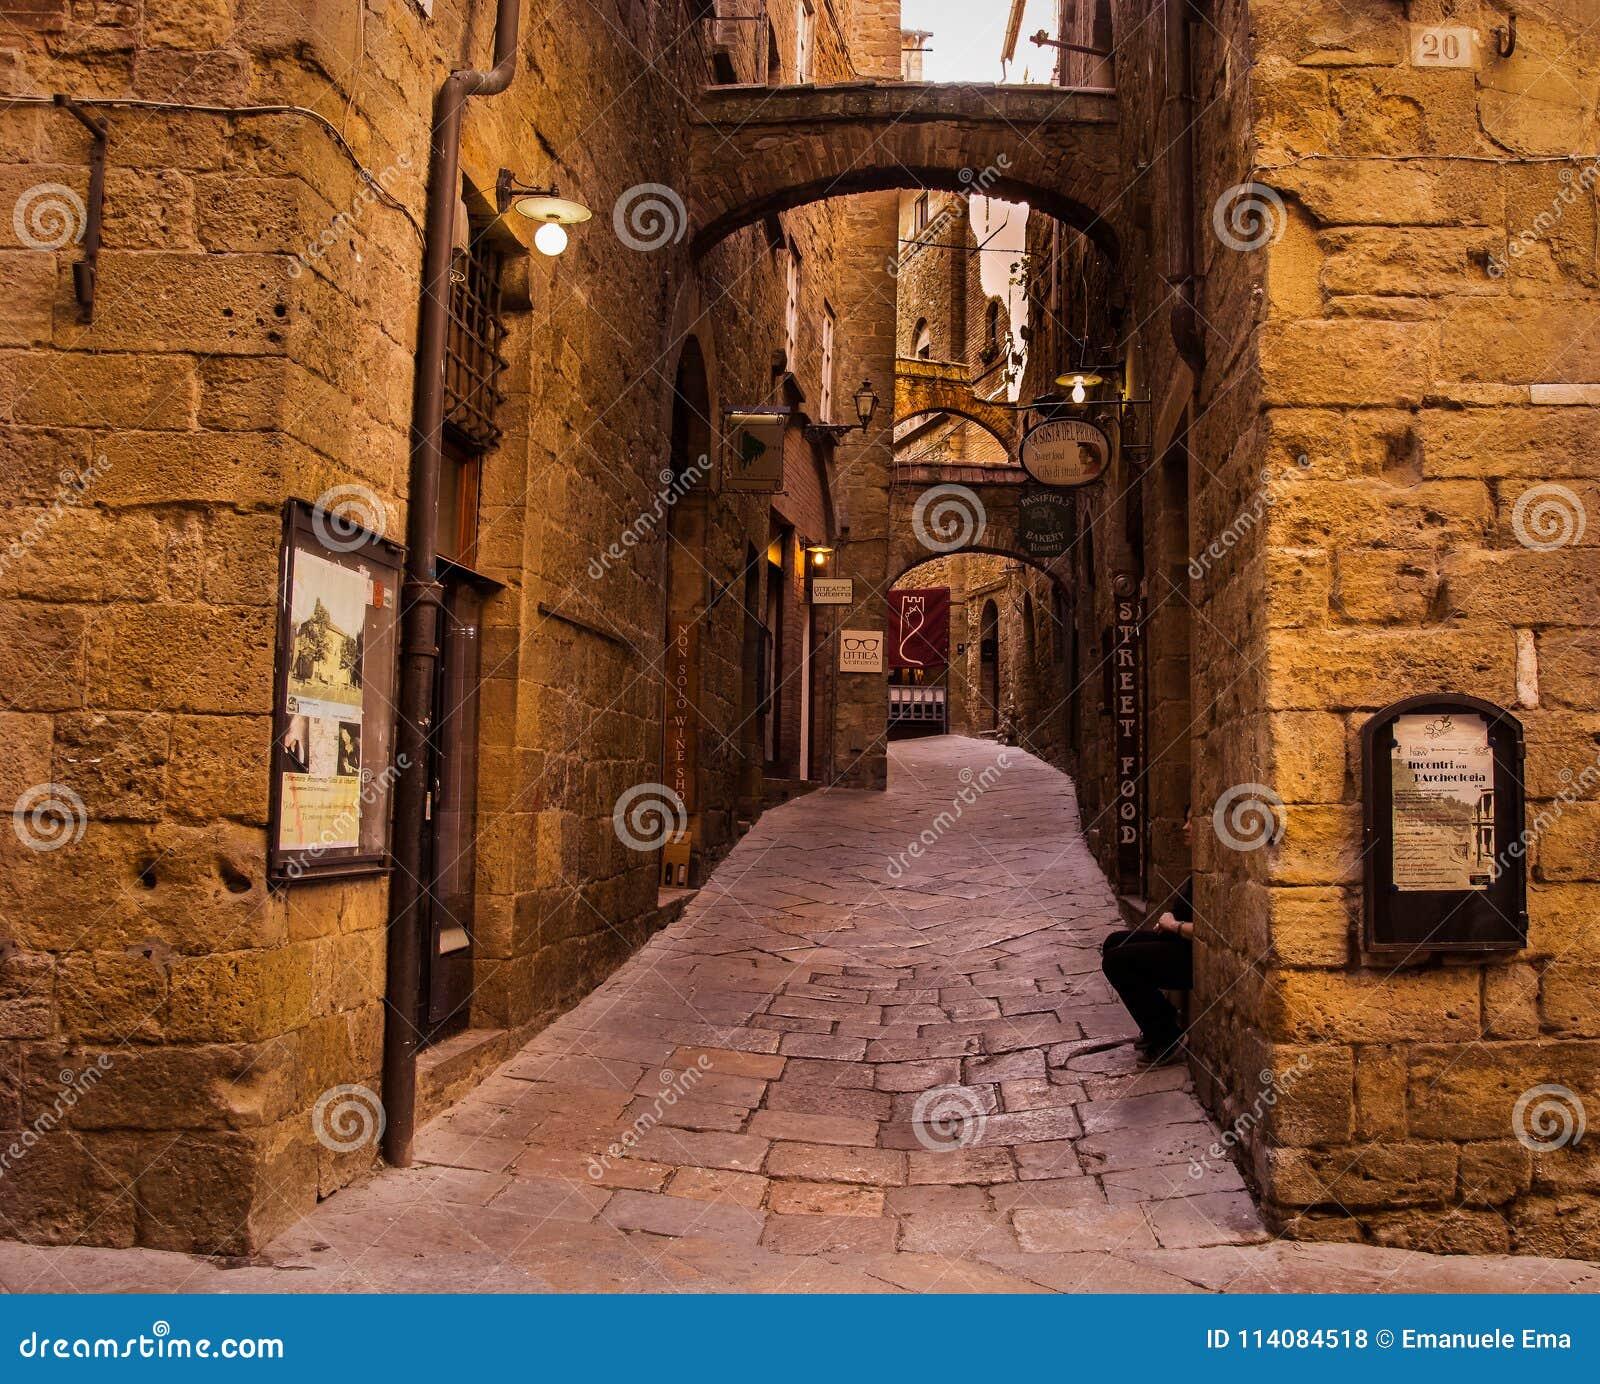 Włoska wioska volterra